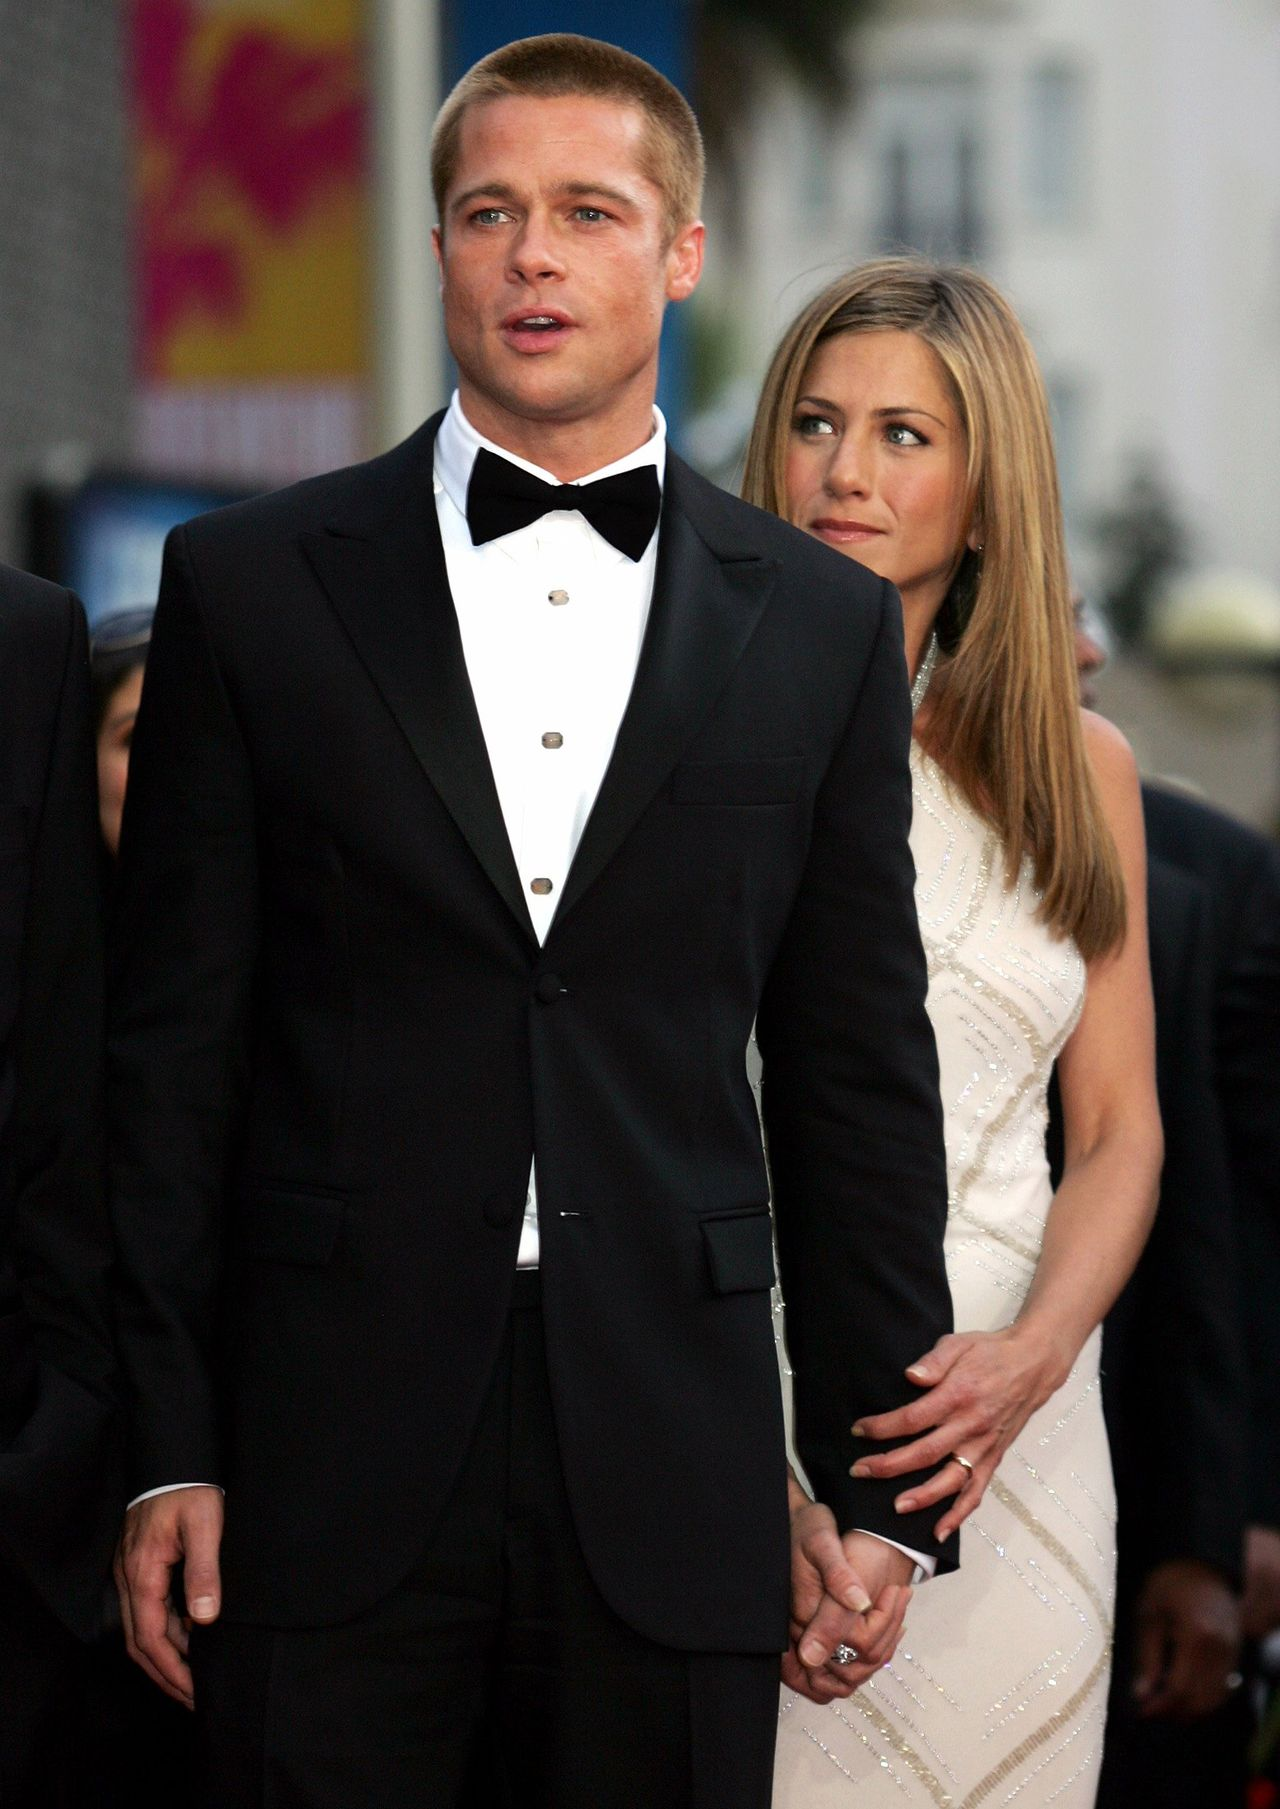 Brad Pitt jest bardzo szczęśliwy po spotkaniu z Jennifer Aniston